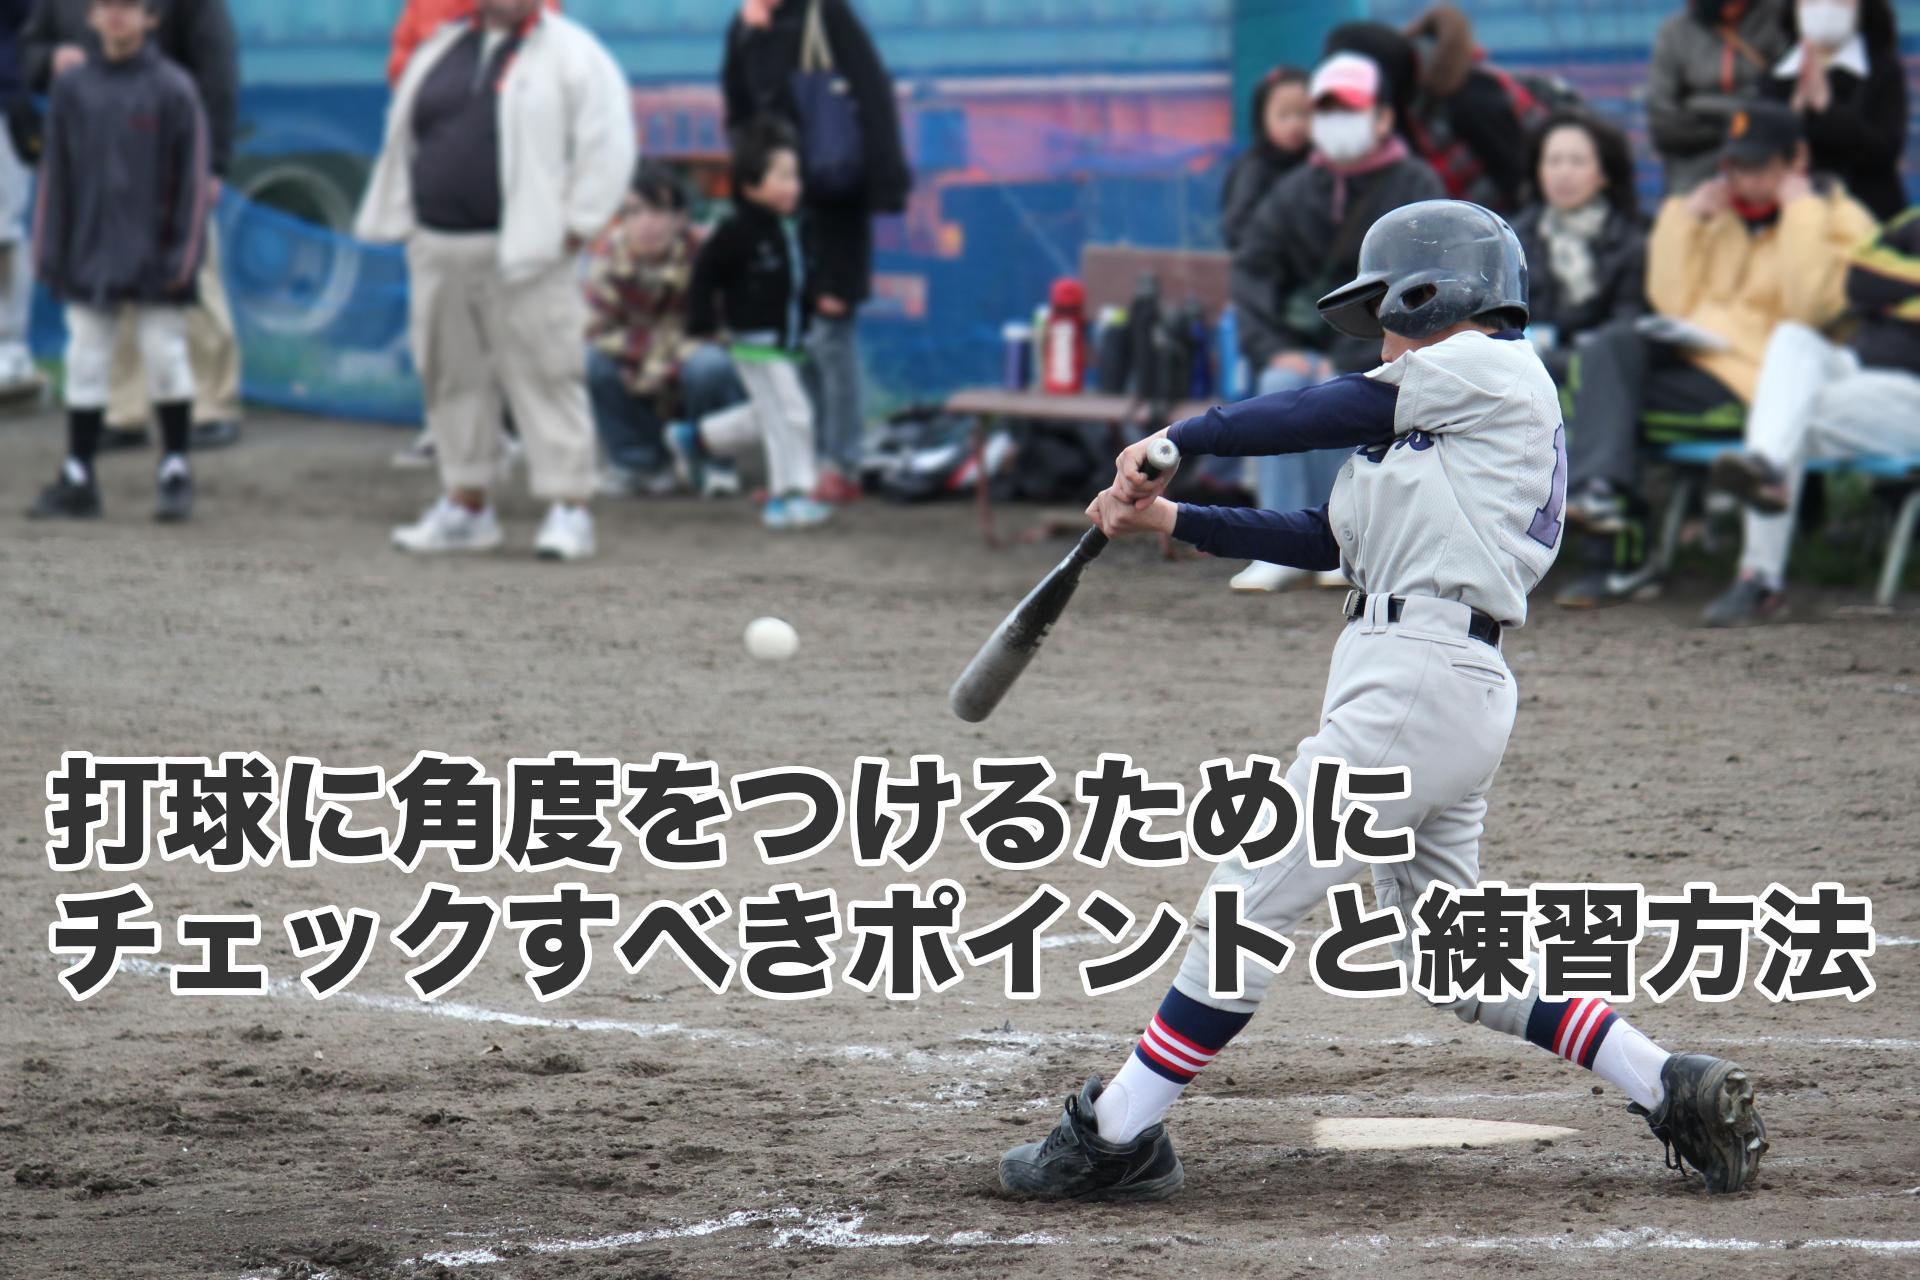 打球に角度をつけるためにチェックすべきポイントと練習方法